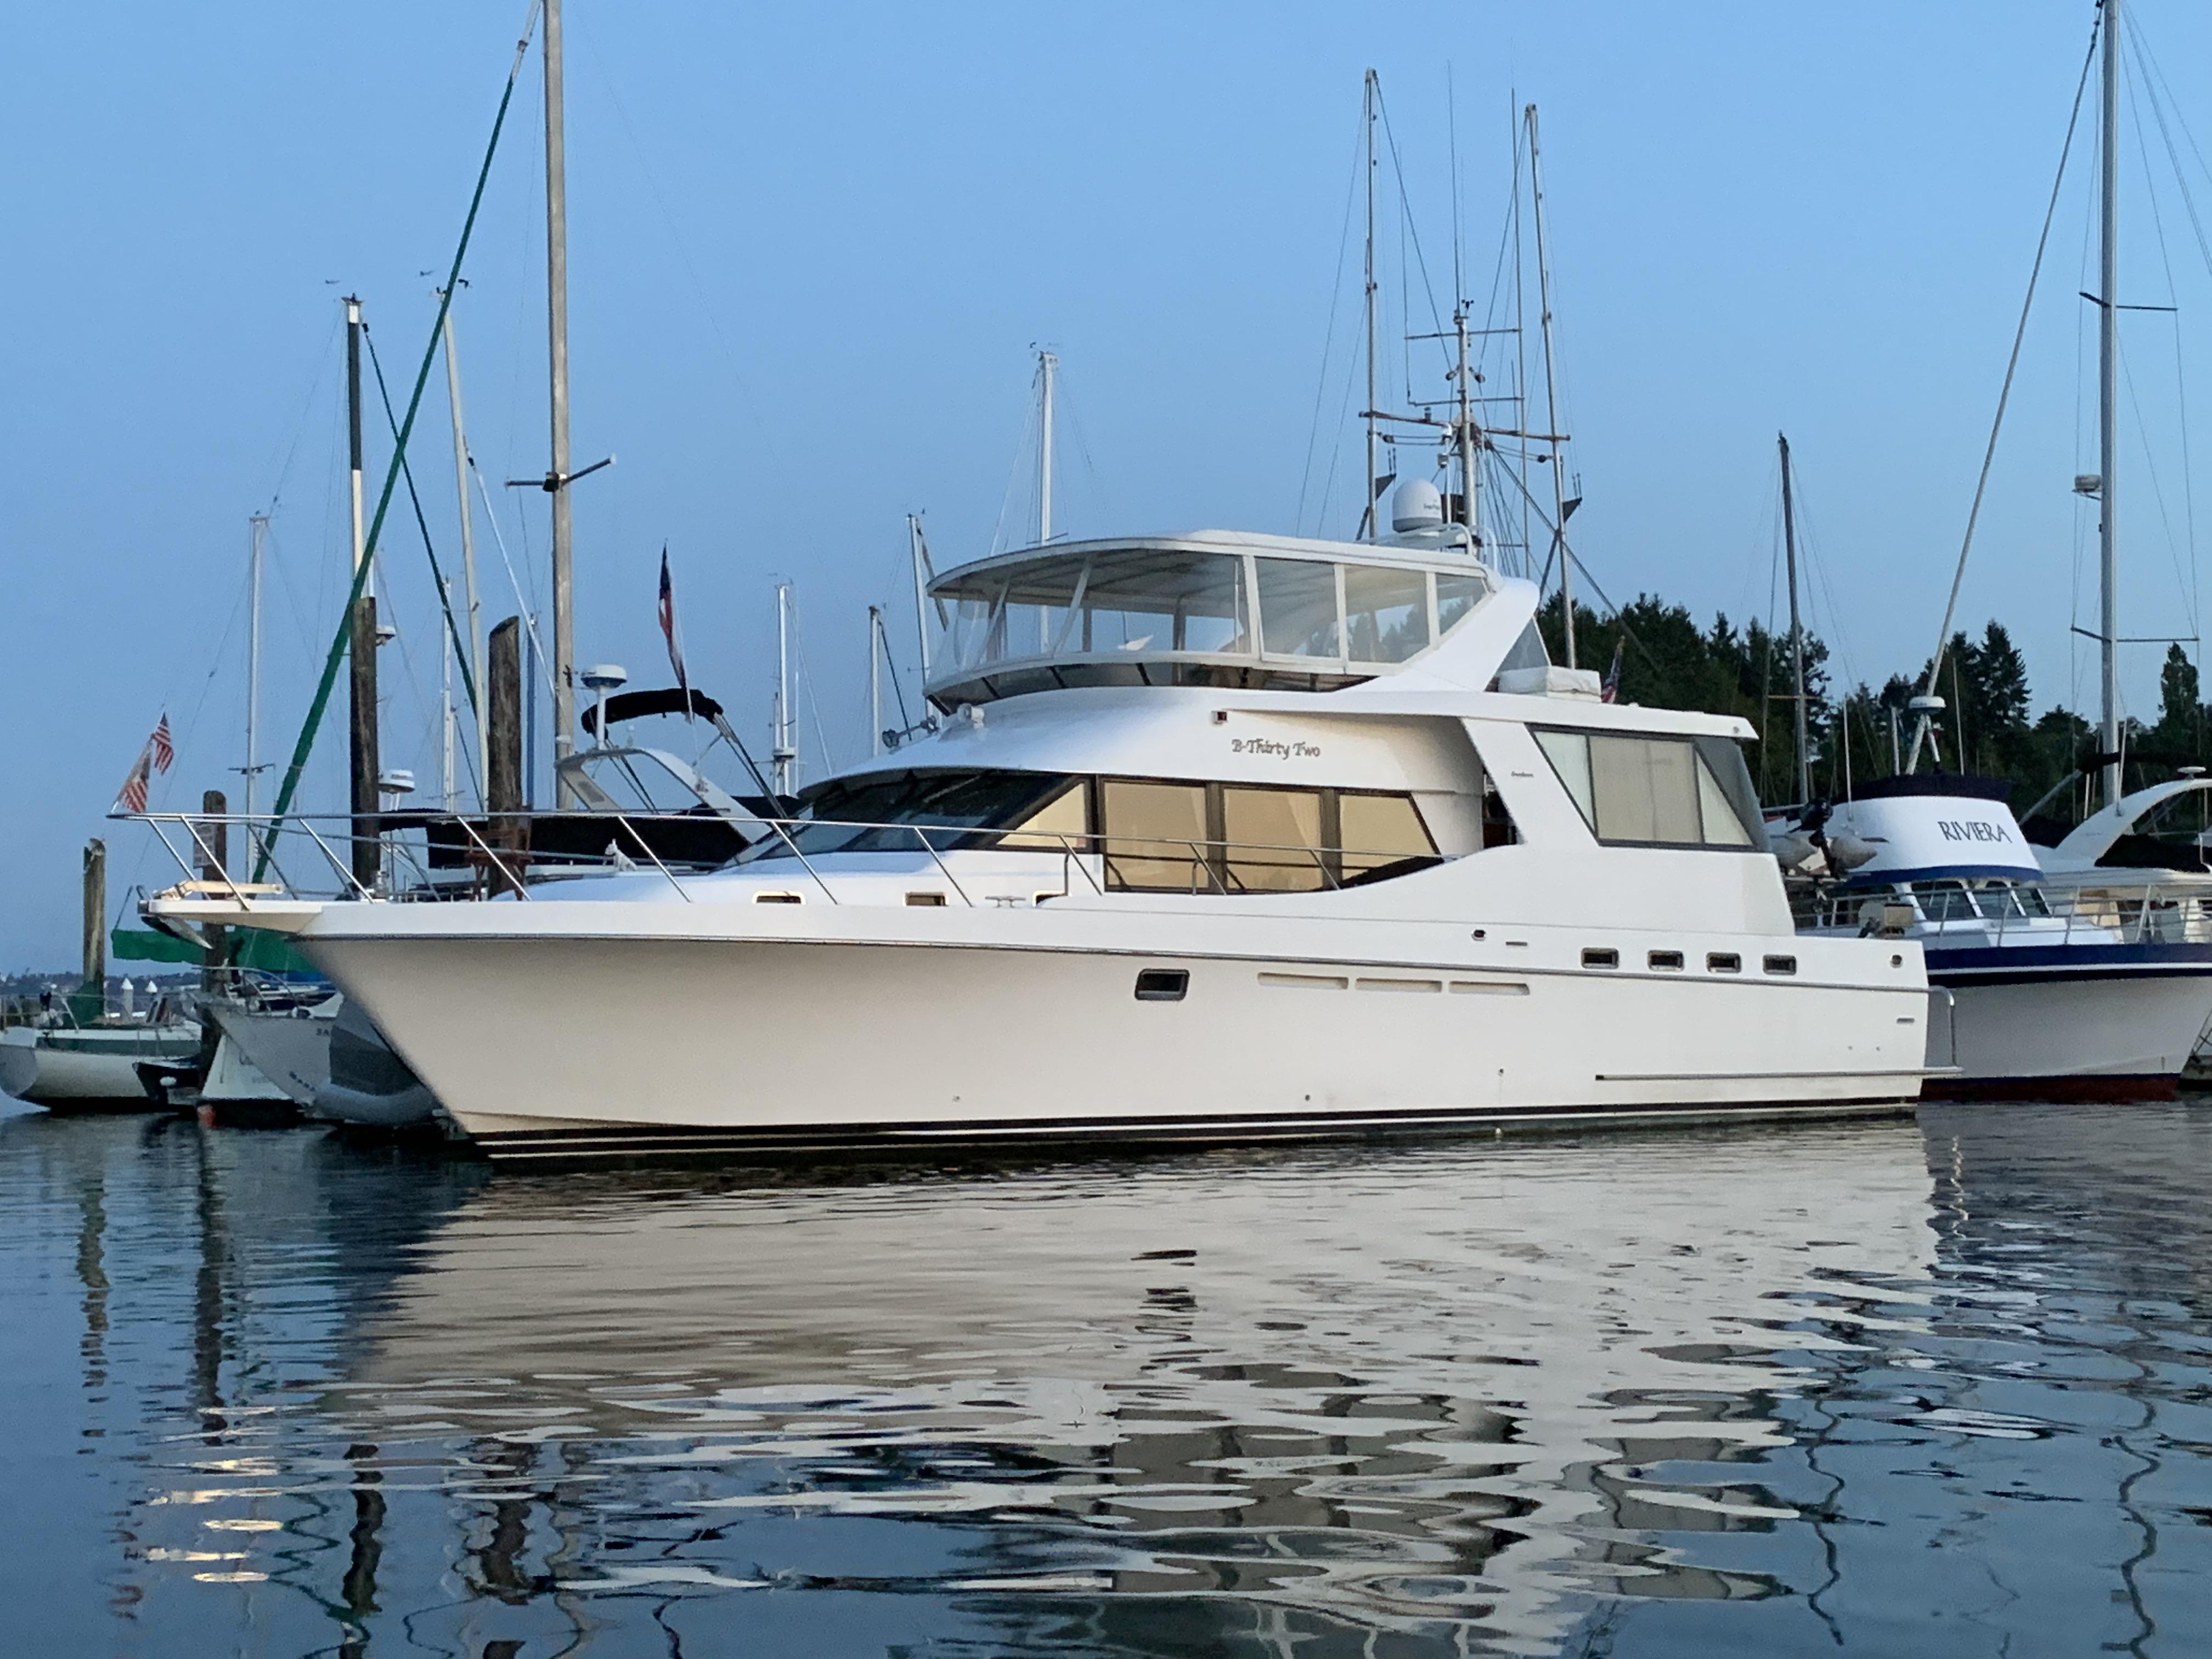 1998 Ocean Alexander 546 Yachtfisher